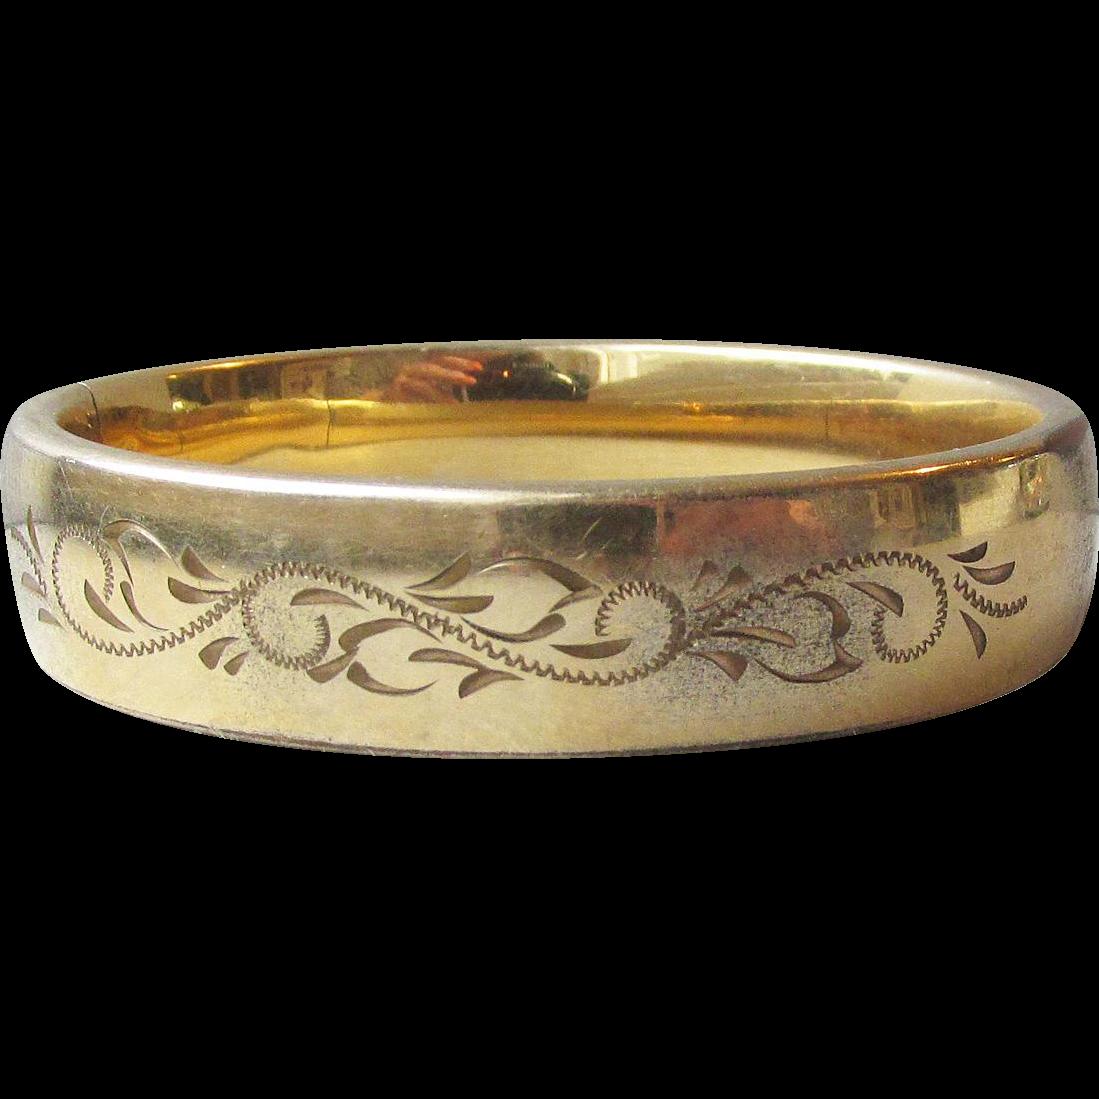 Antique Edwardian Wide Gold Filled Engraved Bangle Bracelet by Carla